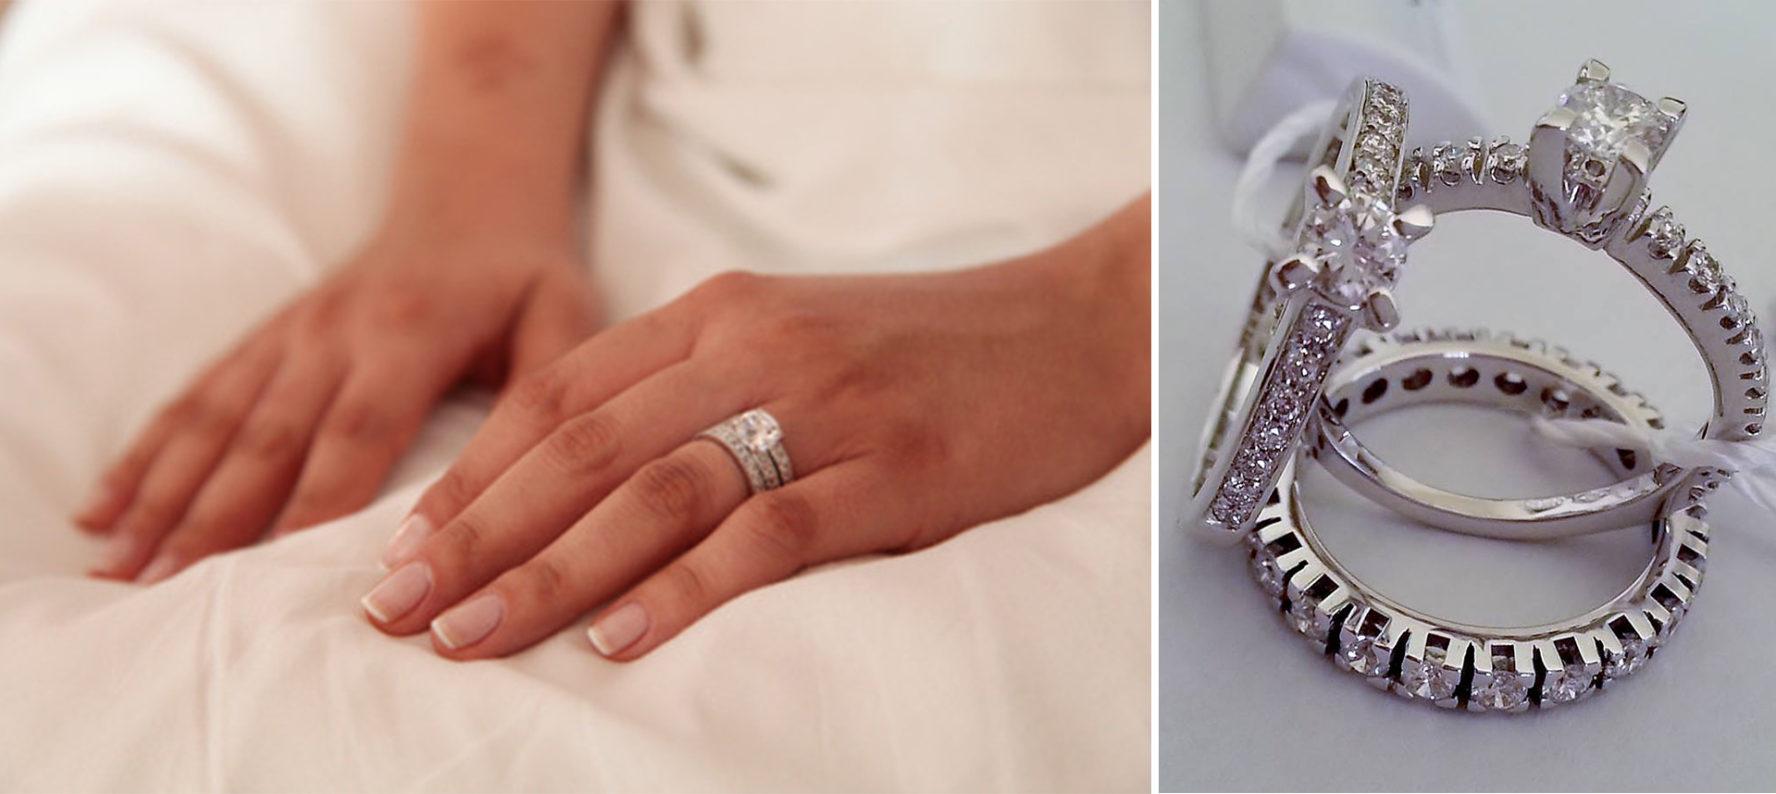 anello di fidanzamento quale scegliere